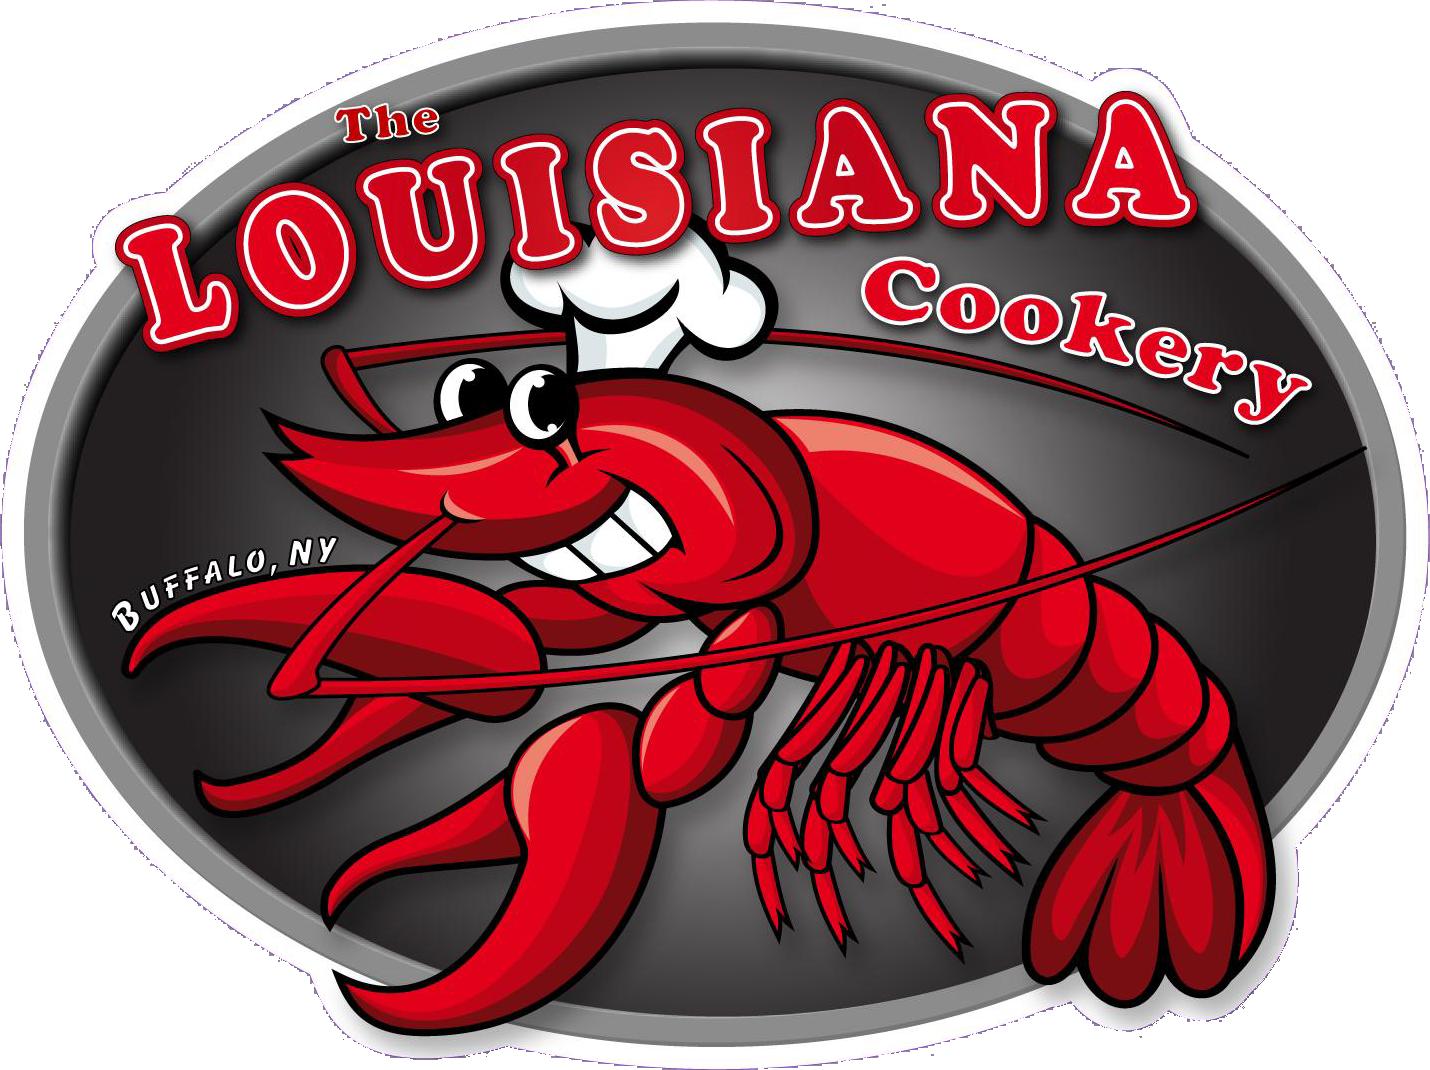 louisiana cookery_logo